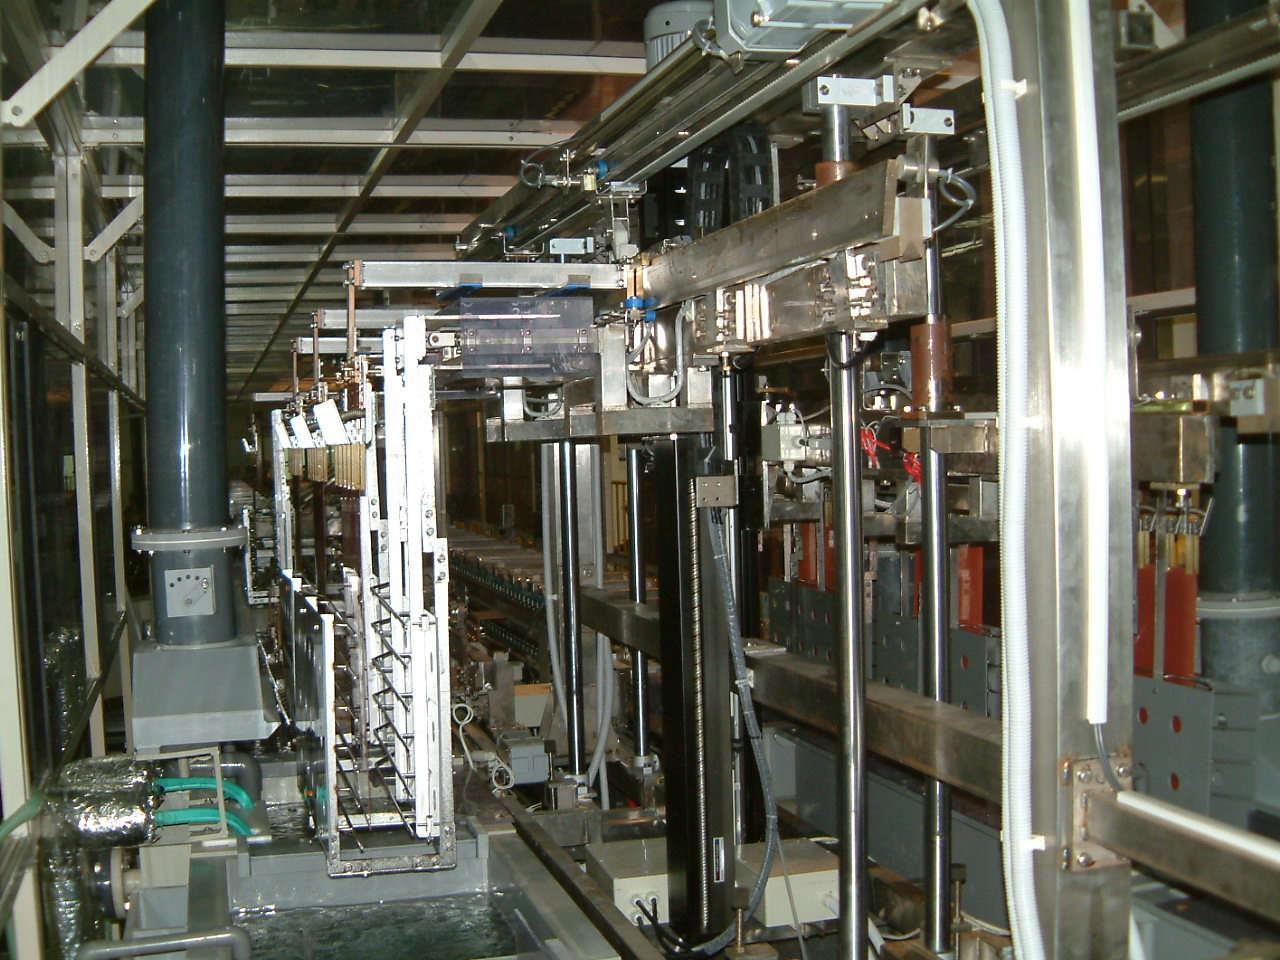 电镀/电镀设备/上海电镀设备/上海电镀设备公司